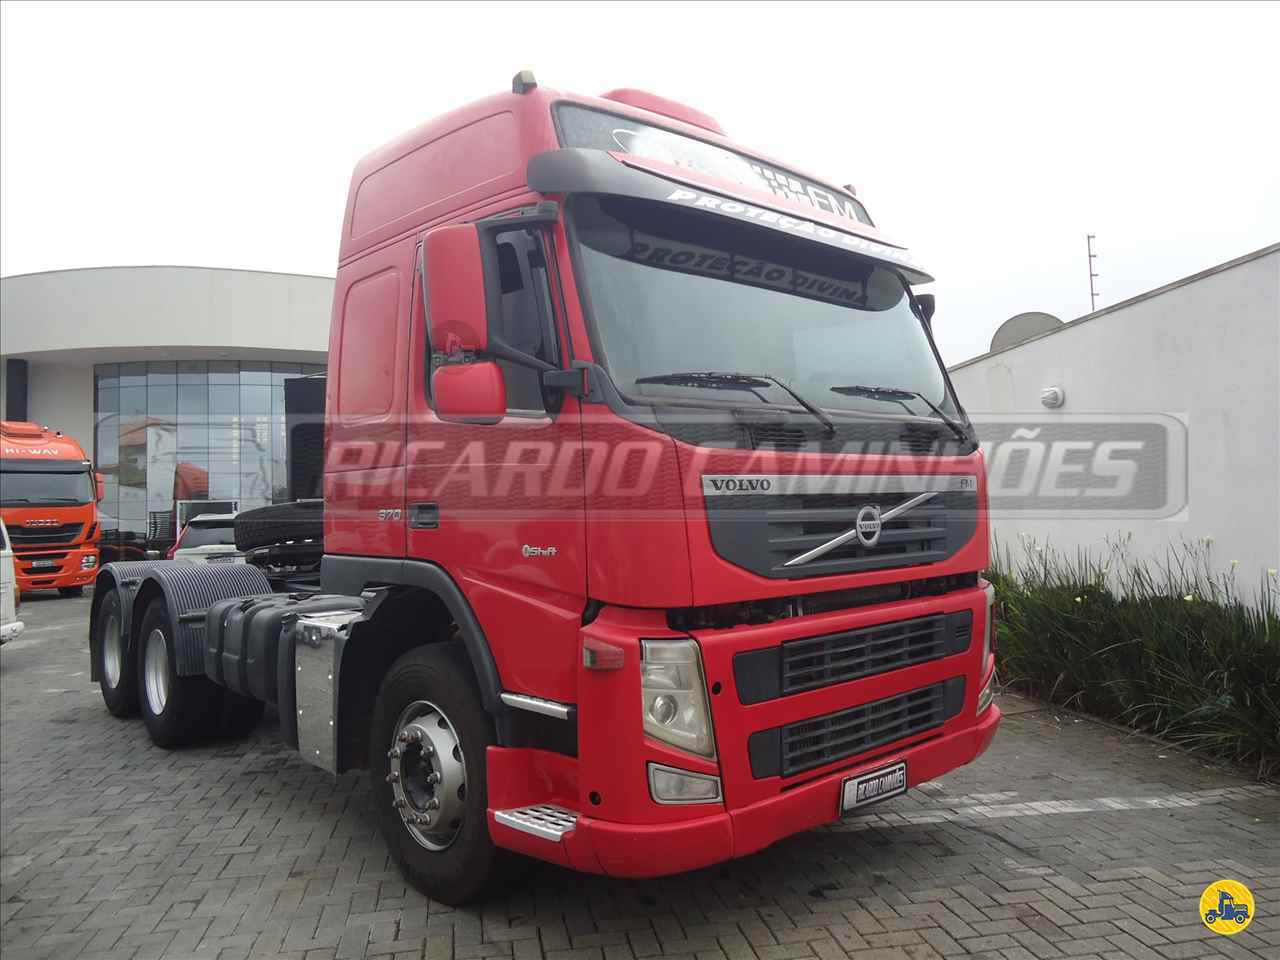 CAMINHAO VOLVO VOLVO FM 370 Cavalo Mecânico Truck 6x2 Ricardo Caminhões Curitiba CURITIBA PARANÁ PR